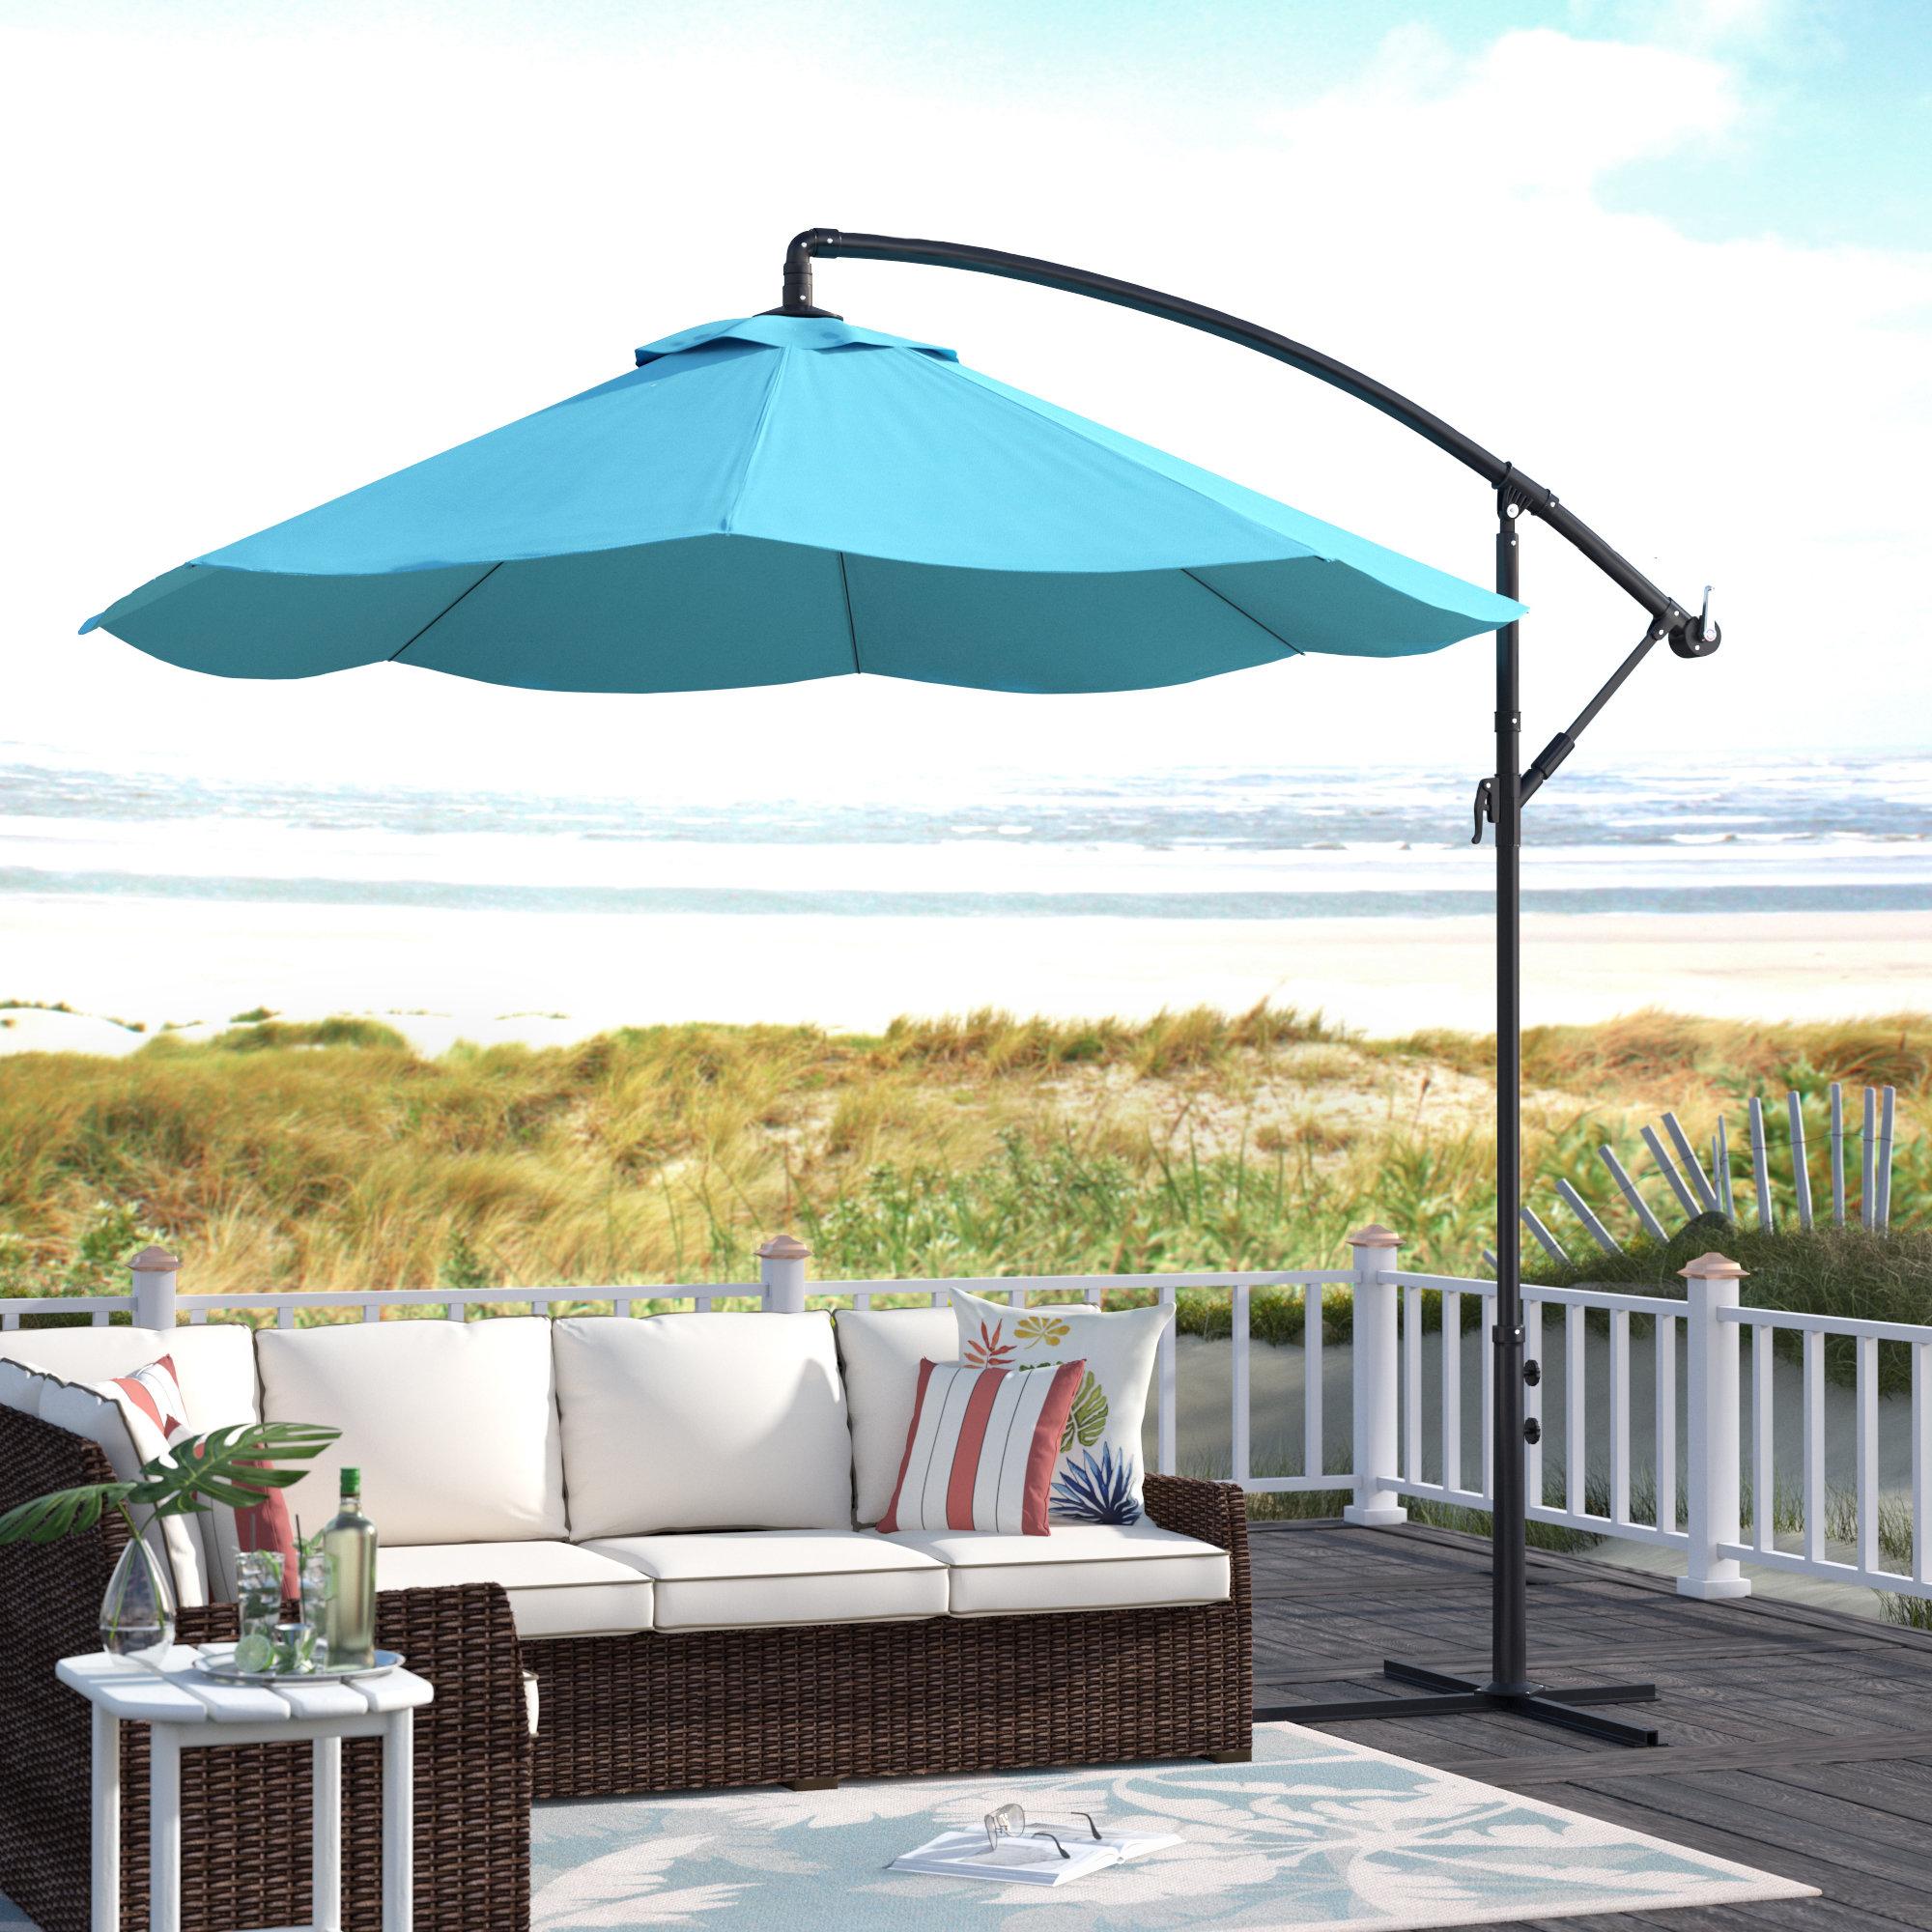 Dore Patio Cantilever Umbrellas Regarding Most Current Vassalboro 10' Cantilever Umbrella (View 8 of 20)